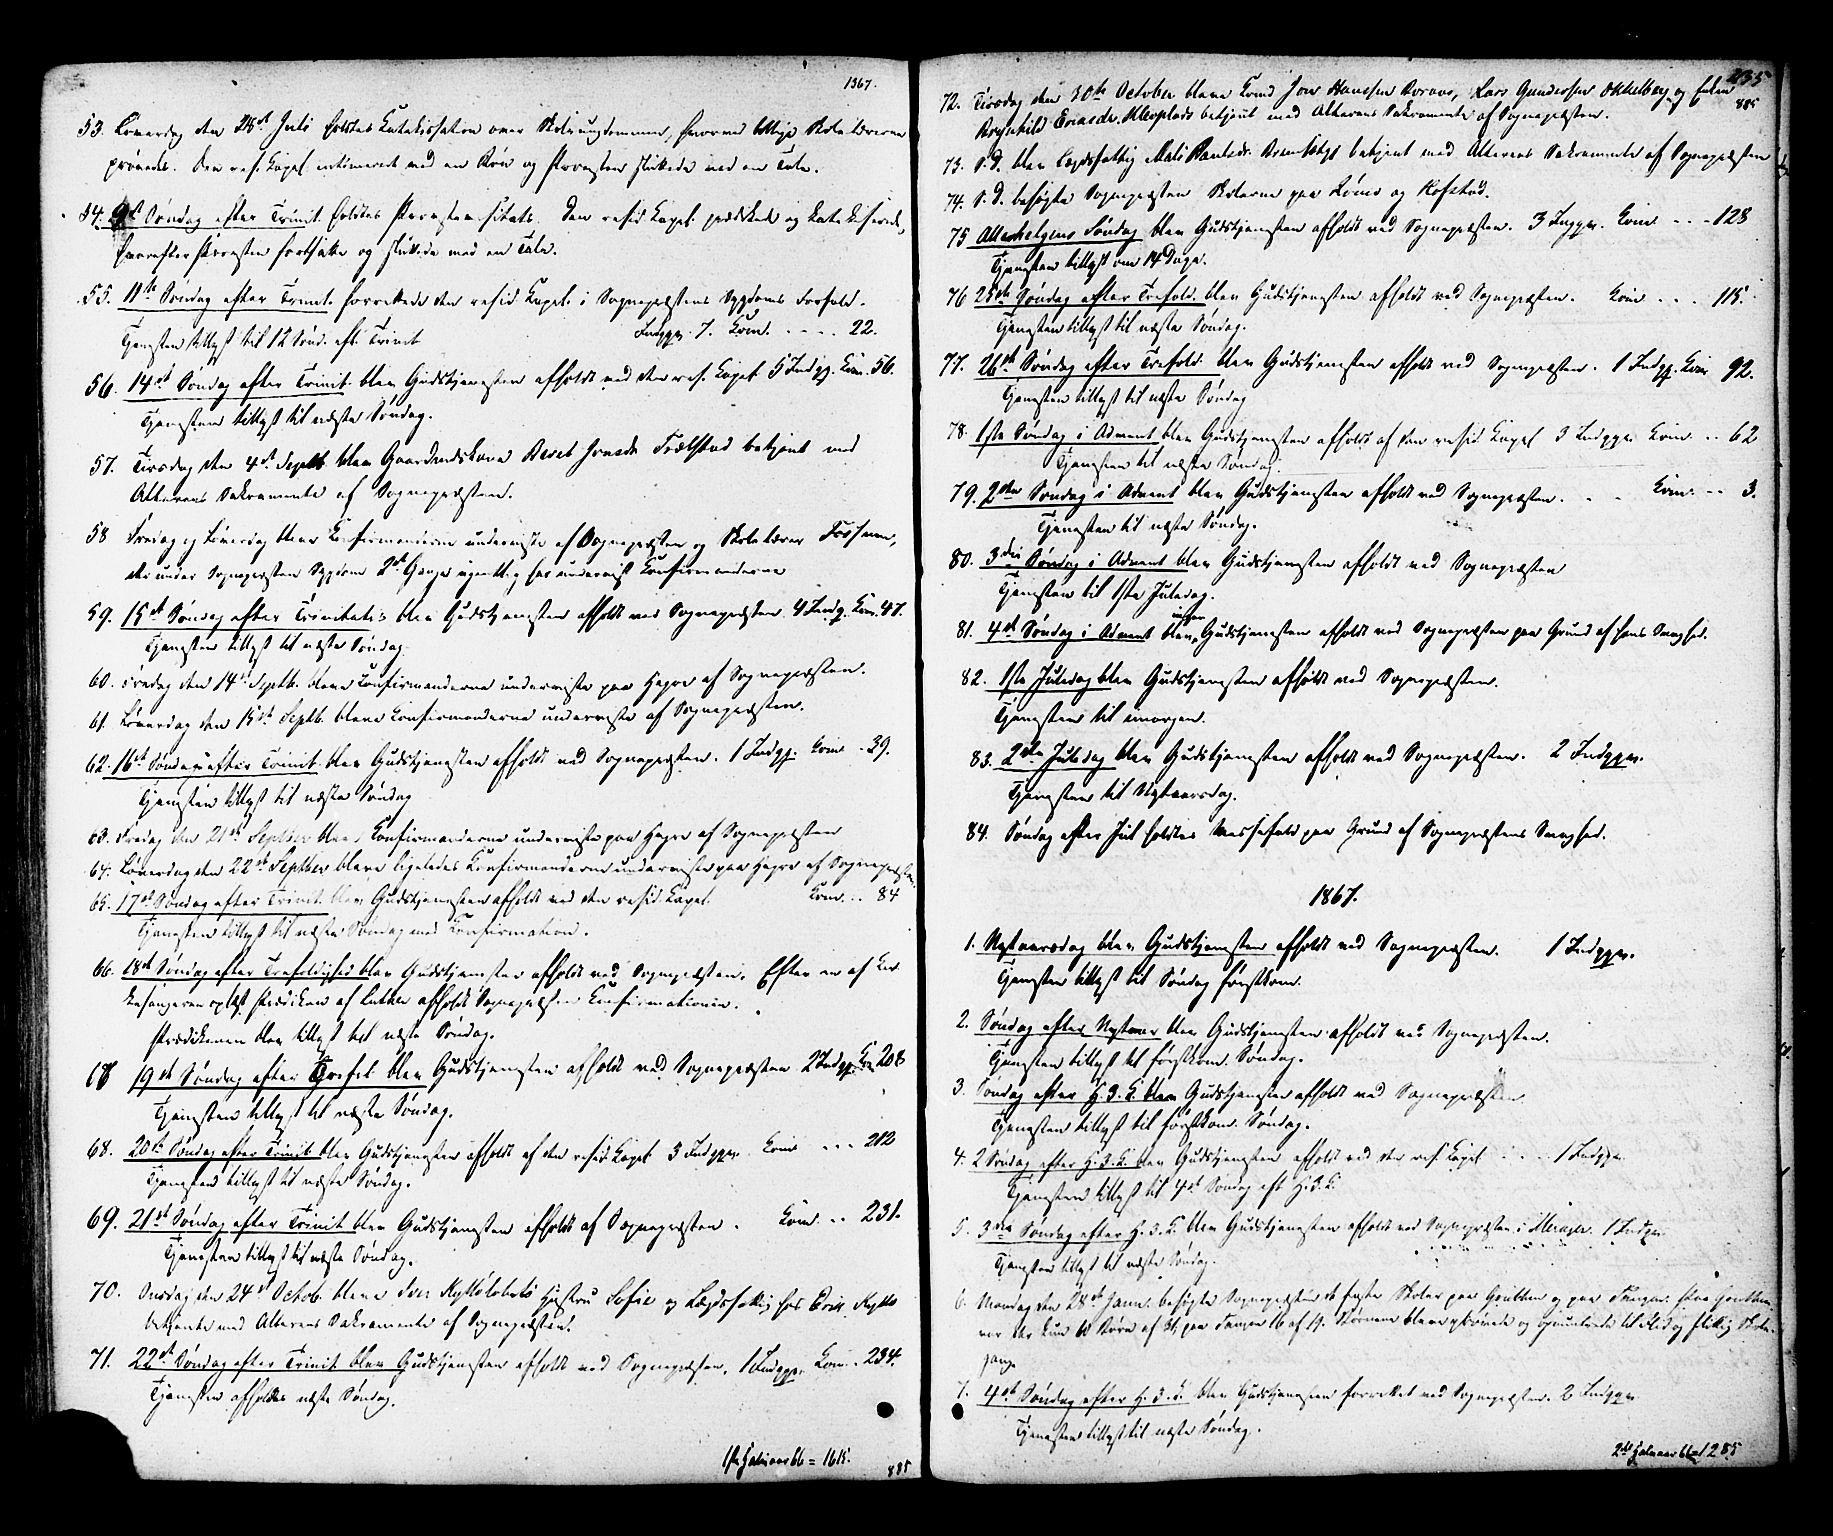 SAT, Ministerialprotokoller, klokkerbøker og fødselsregistre - Nord-Trøndelag, 703/L0029: Ministerialbok nr. 703A02, 1863-1879, s. 235